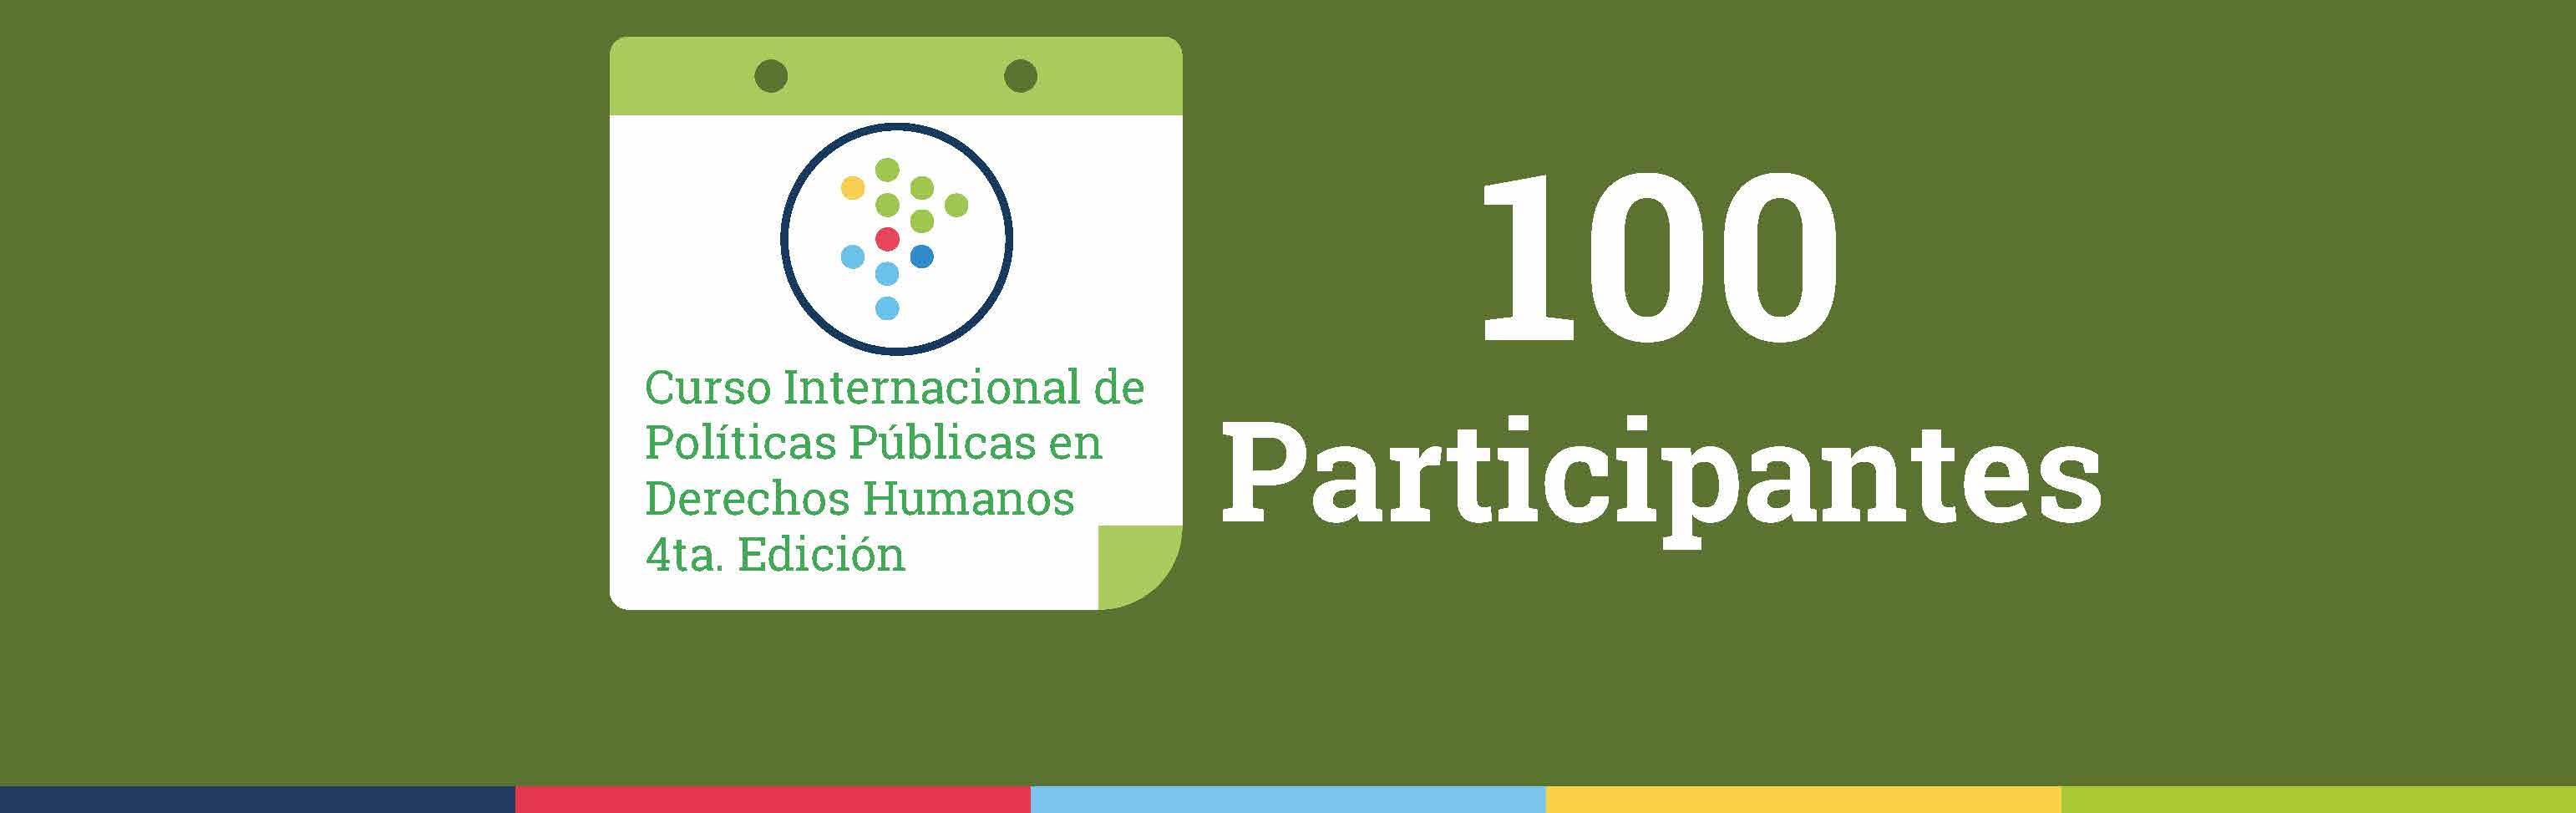 IPPDH y CIDH anuncian listado de las 100 personas seleccionadas para el Curso internacional 2019